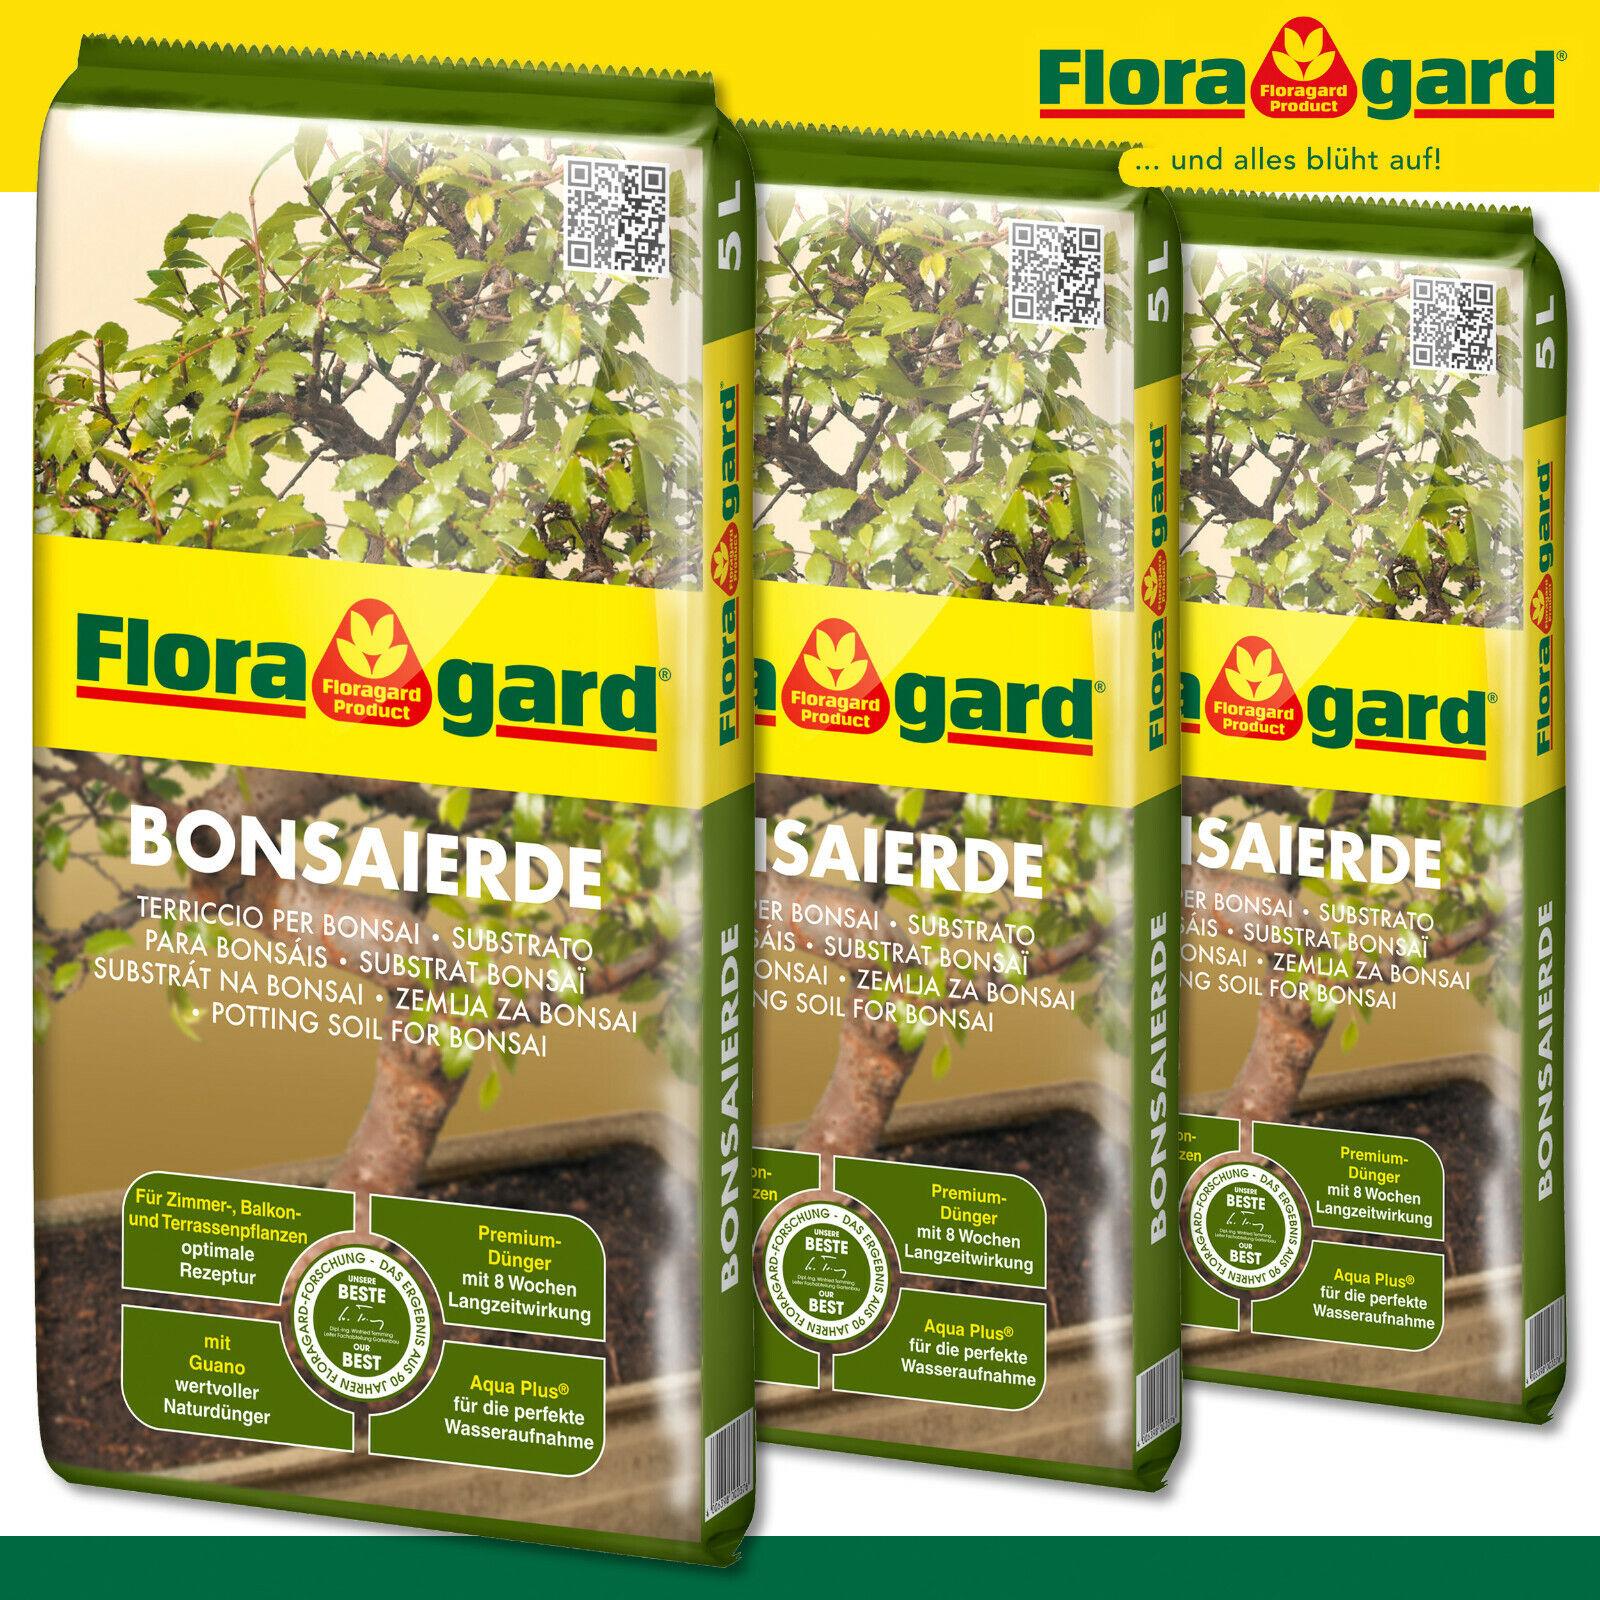 Floragard 3x 5L Bonsai Soil Sapling Nutrients Care Growth Plants